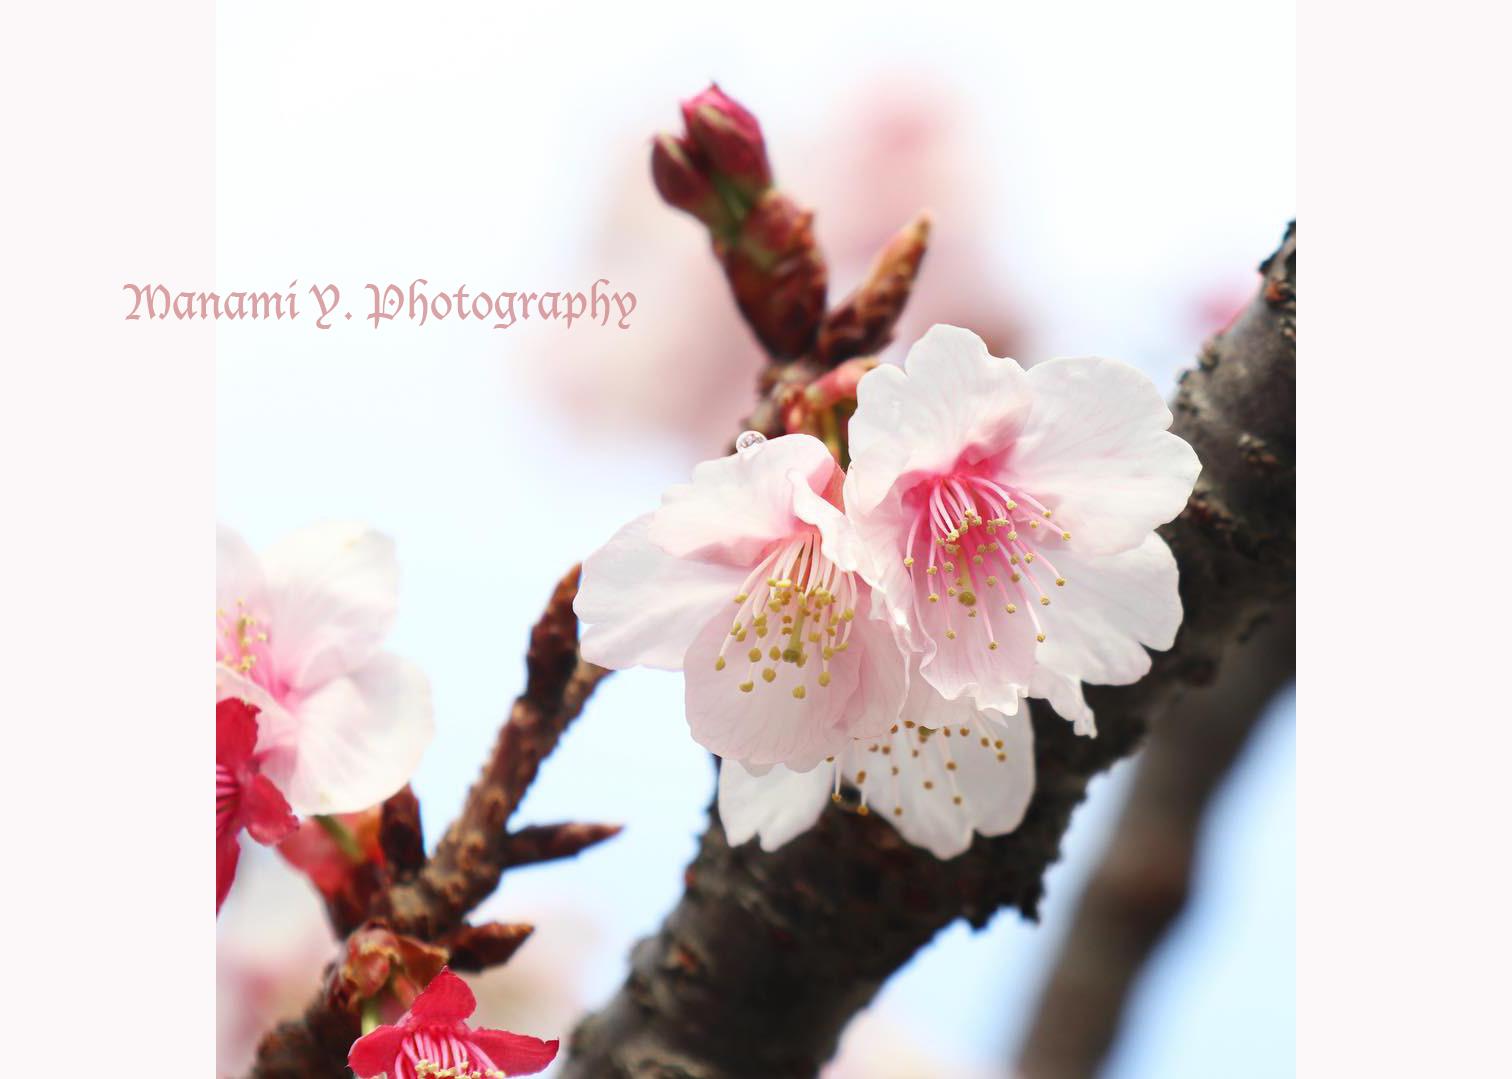 車で通りがかった熱海で咲き始めていた寒桜